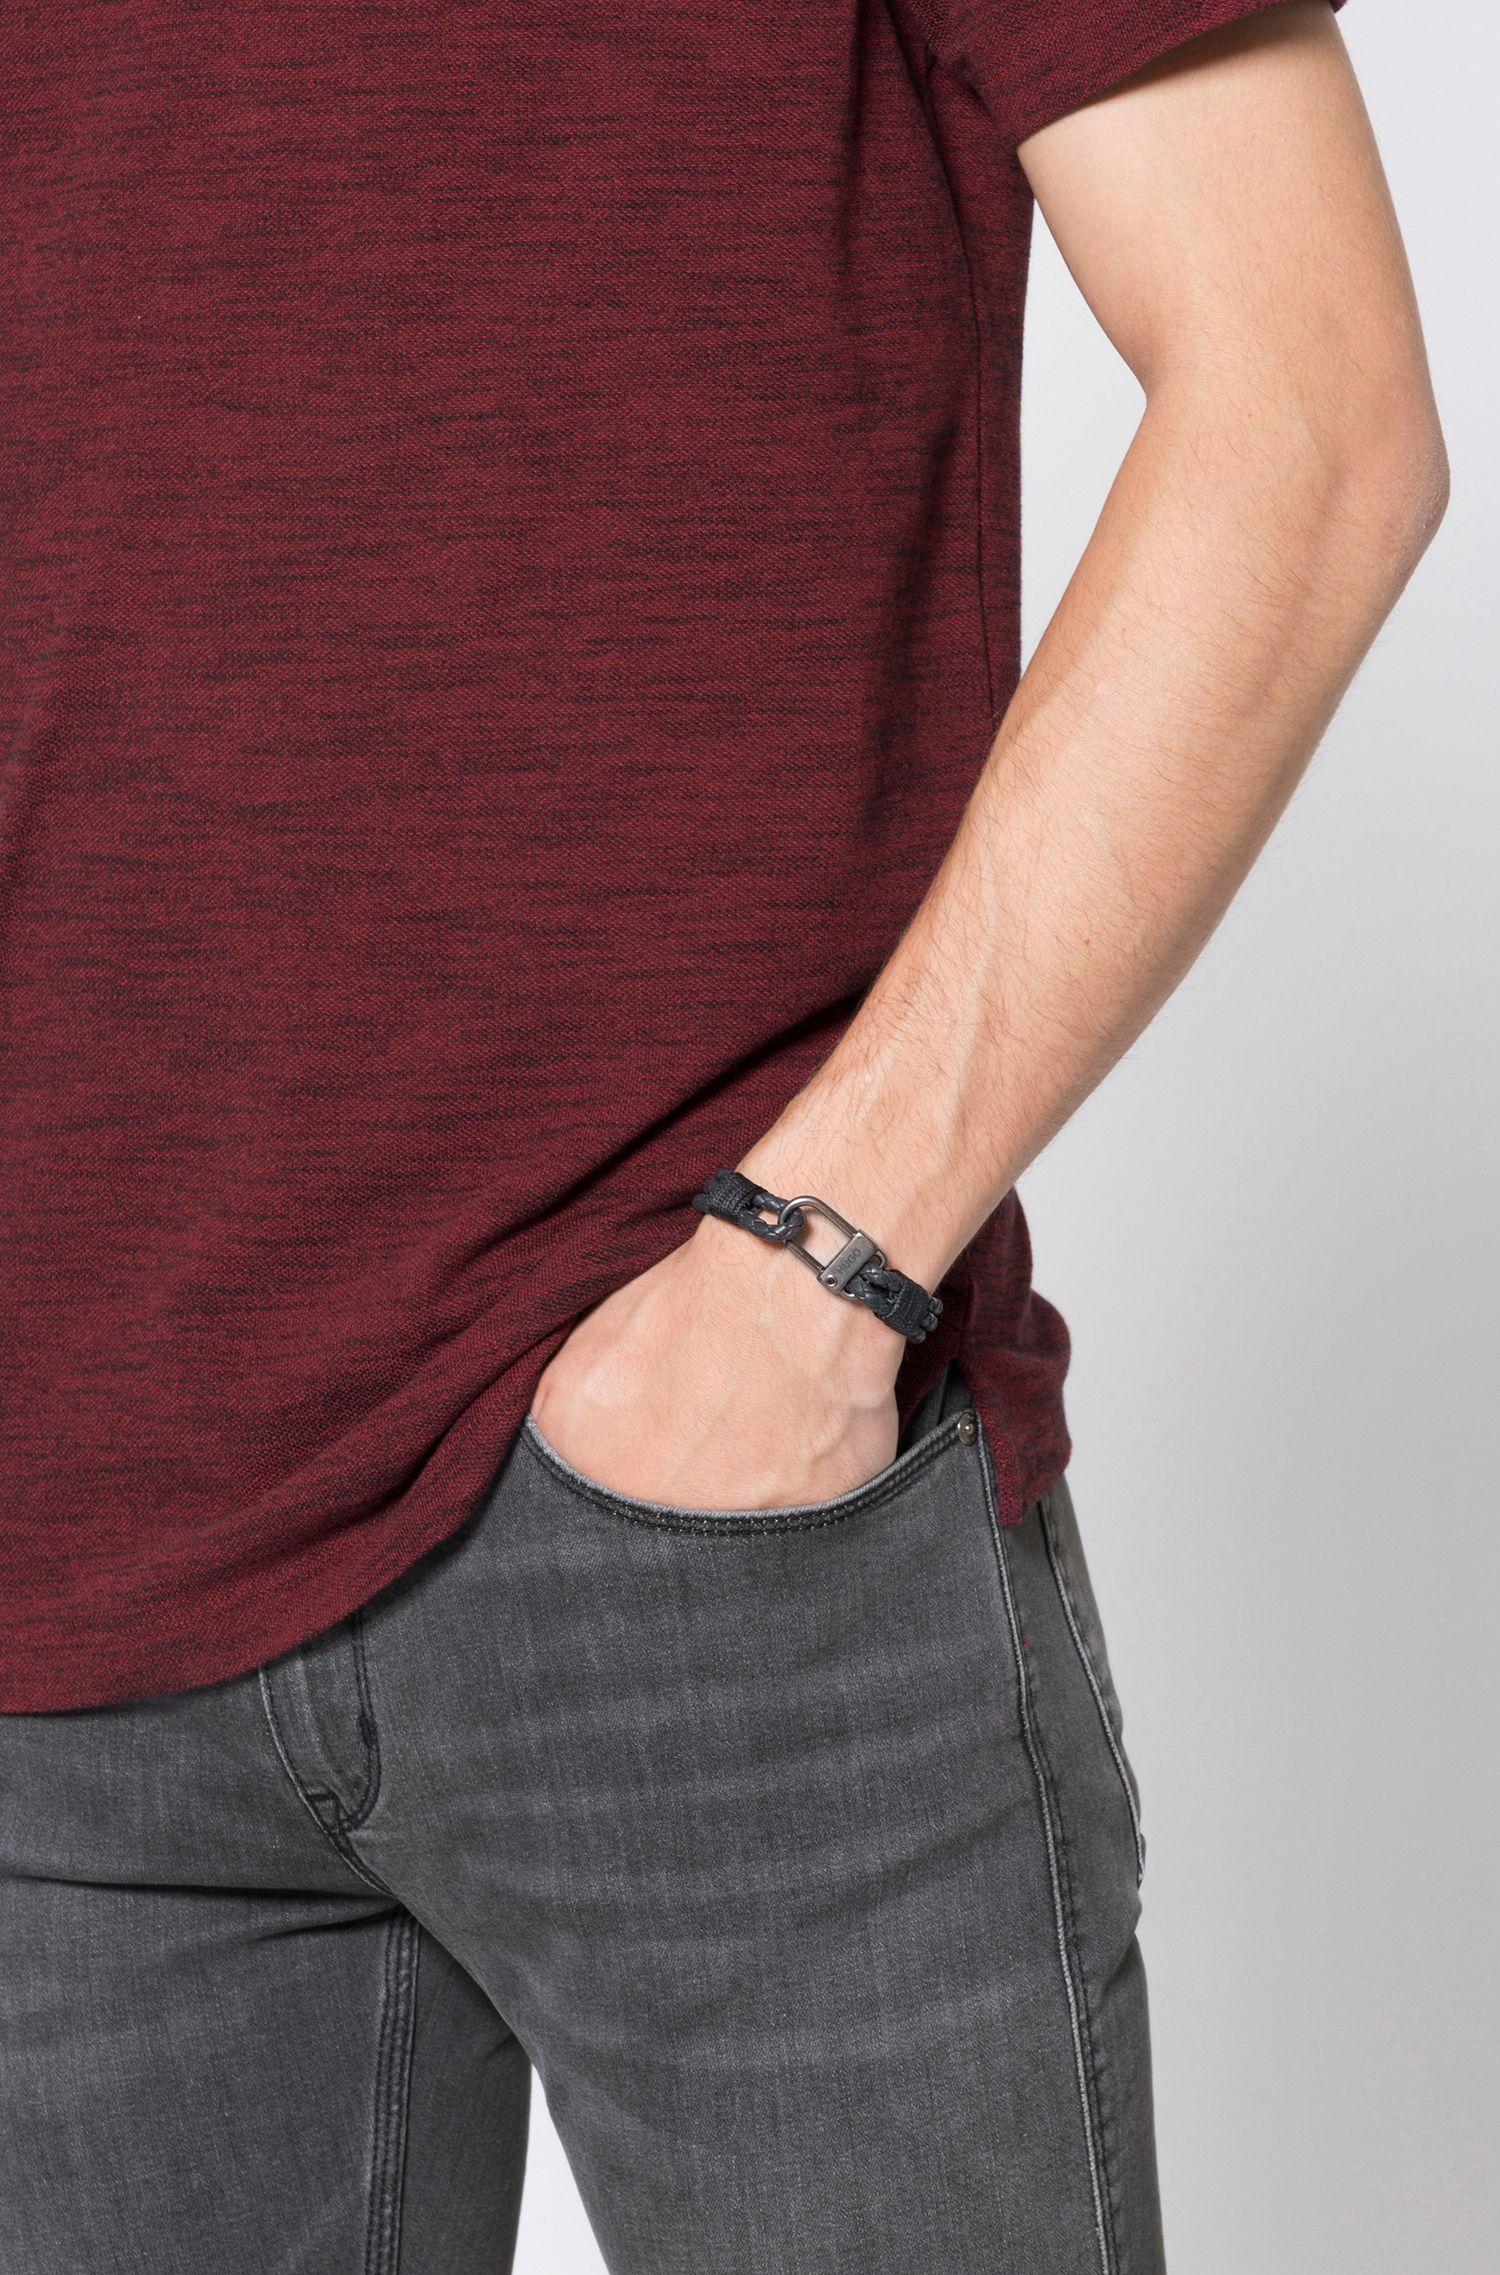 Gevlochten armband van Italiaans leer met karabijnsluiting